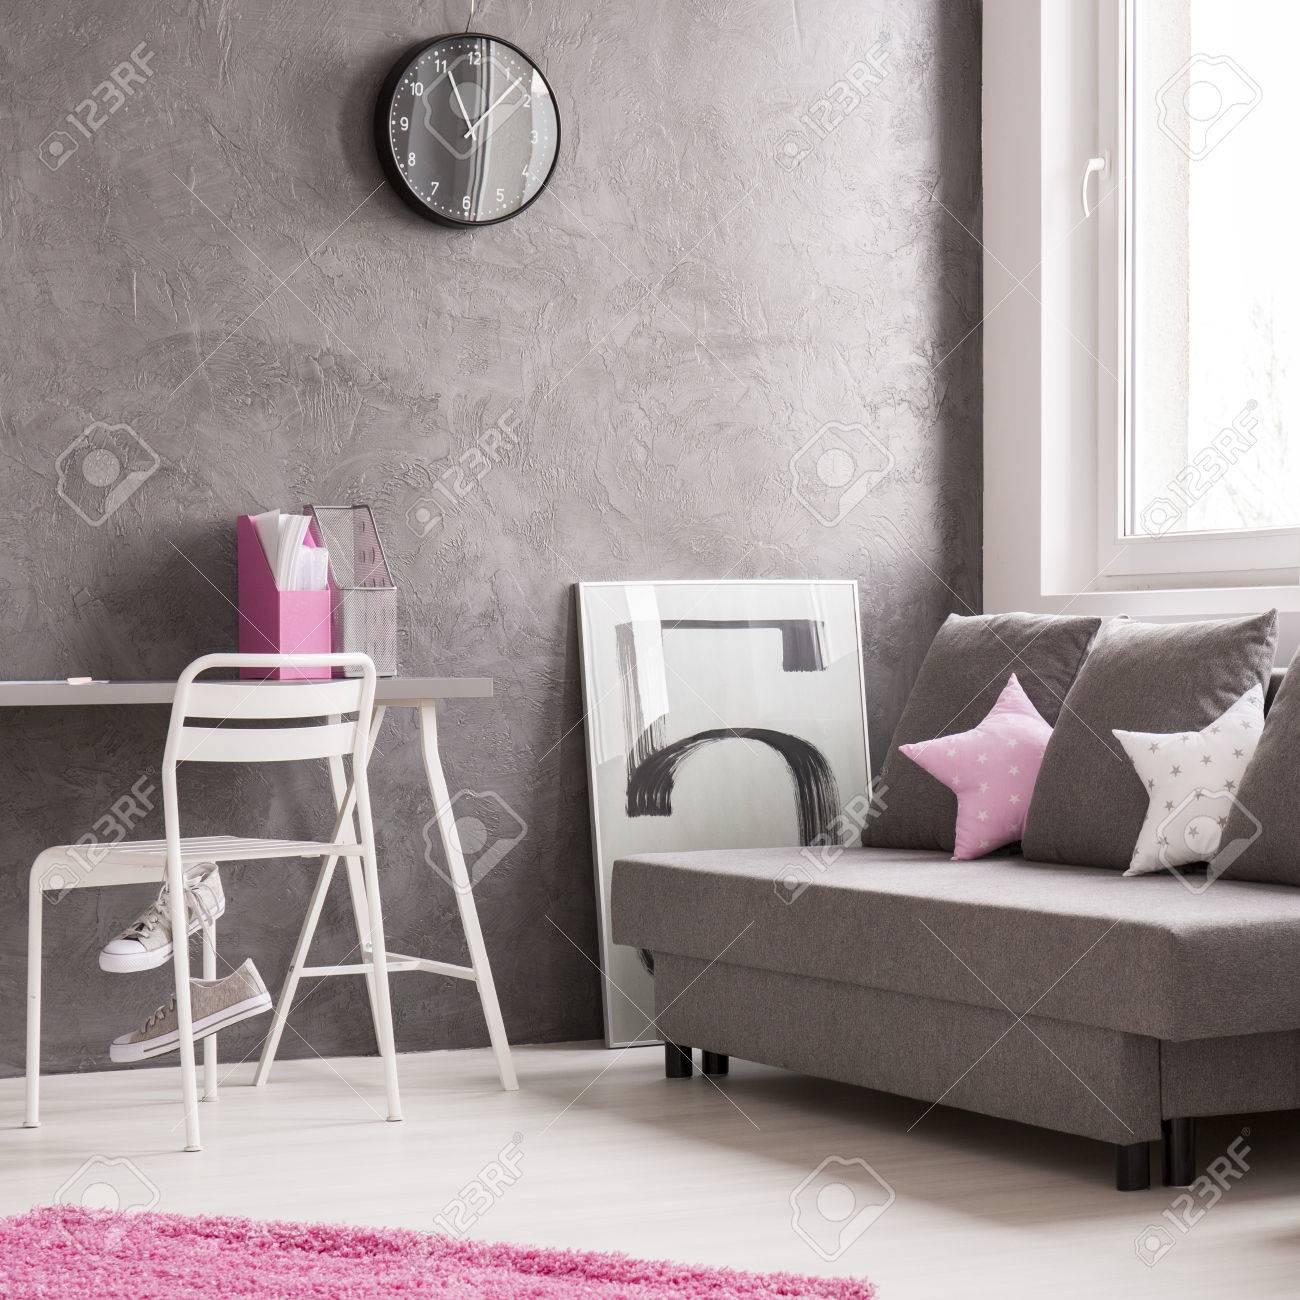 Minimalist Moderne Wohnung Für Studenten In Grau Und Rosa Mit Sofa ...